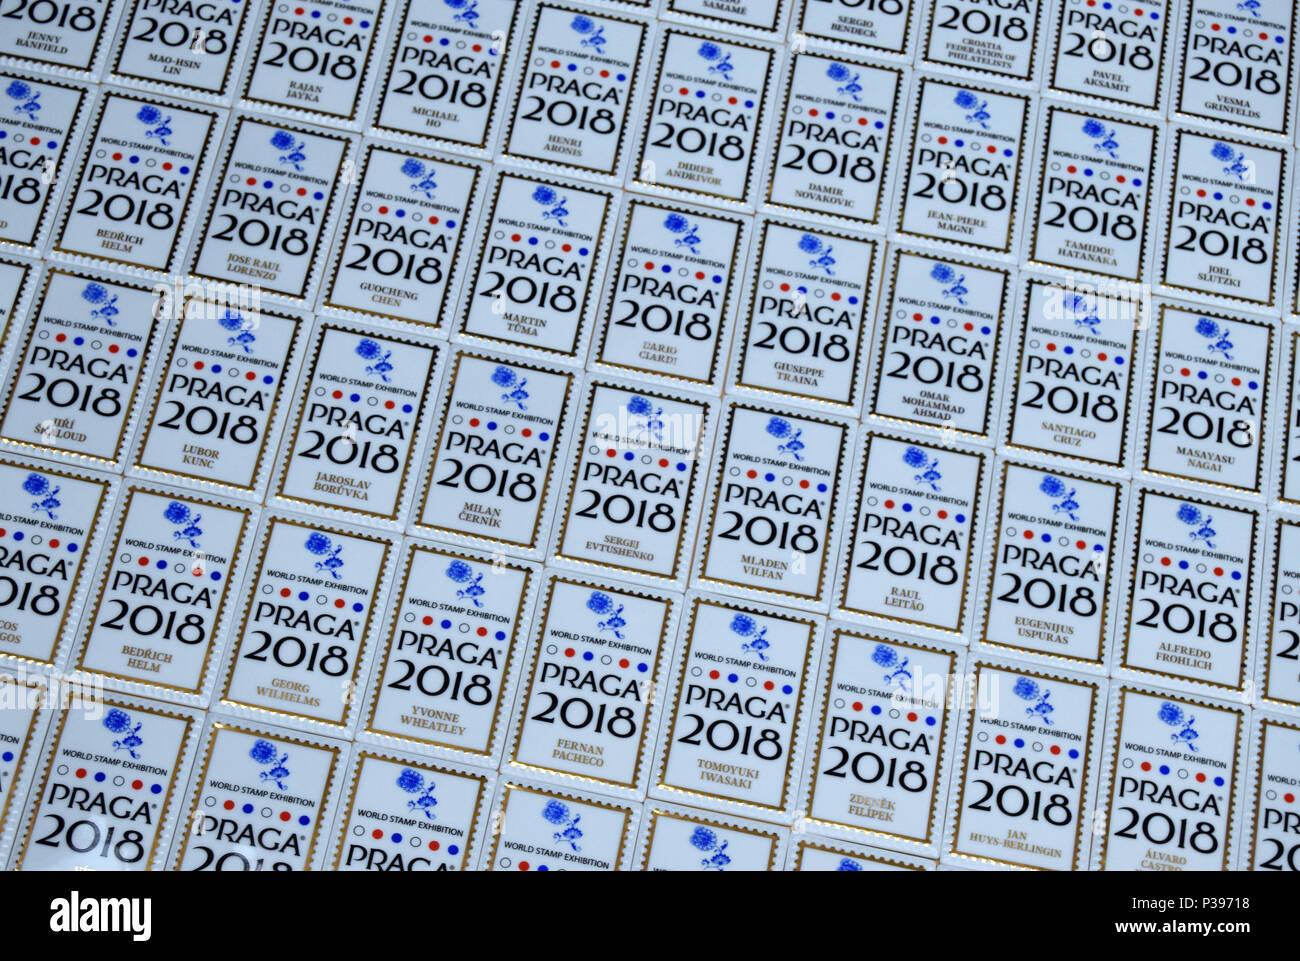 Dubi Czech Republic 12th June 2018 Porcelain Postage Stamp